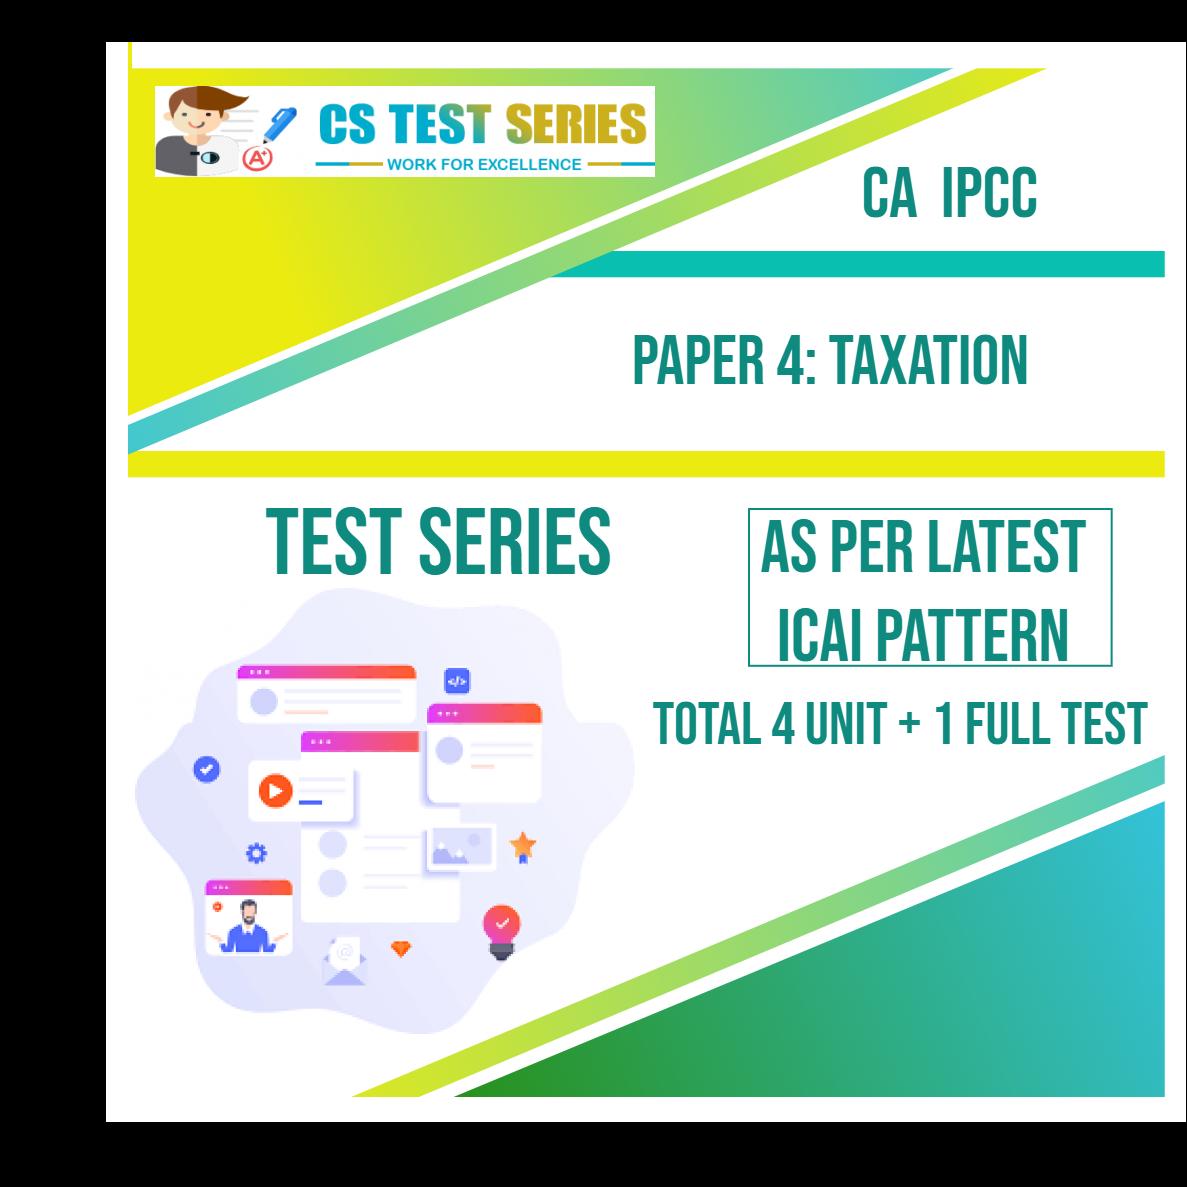 CA IPCC PAPER 4: Taxation